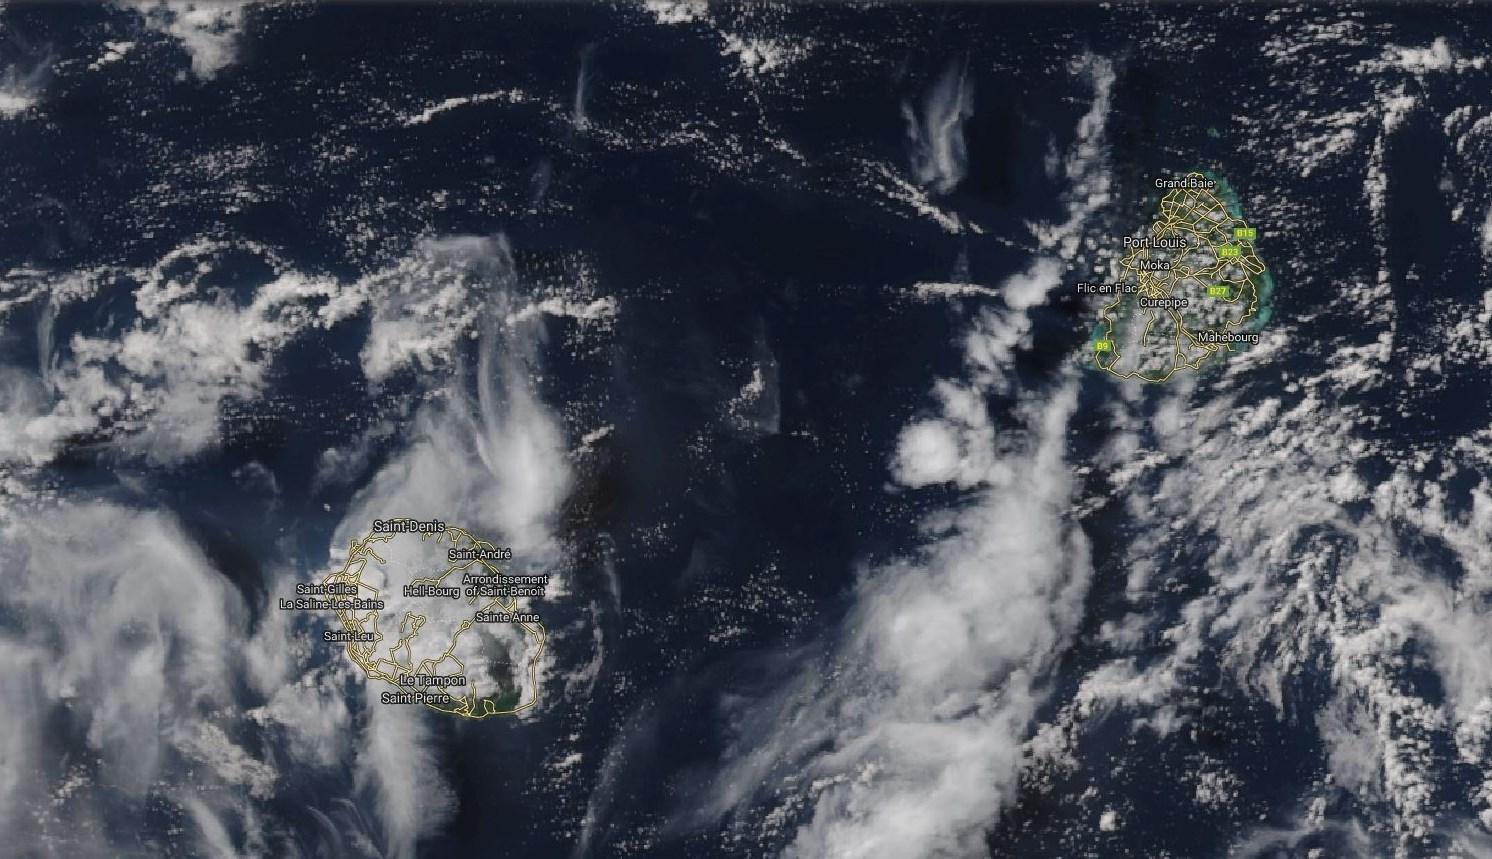 Maurice et la Réunion vues par le satellite NPP à 13h15 ce Vendredi.